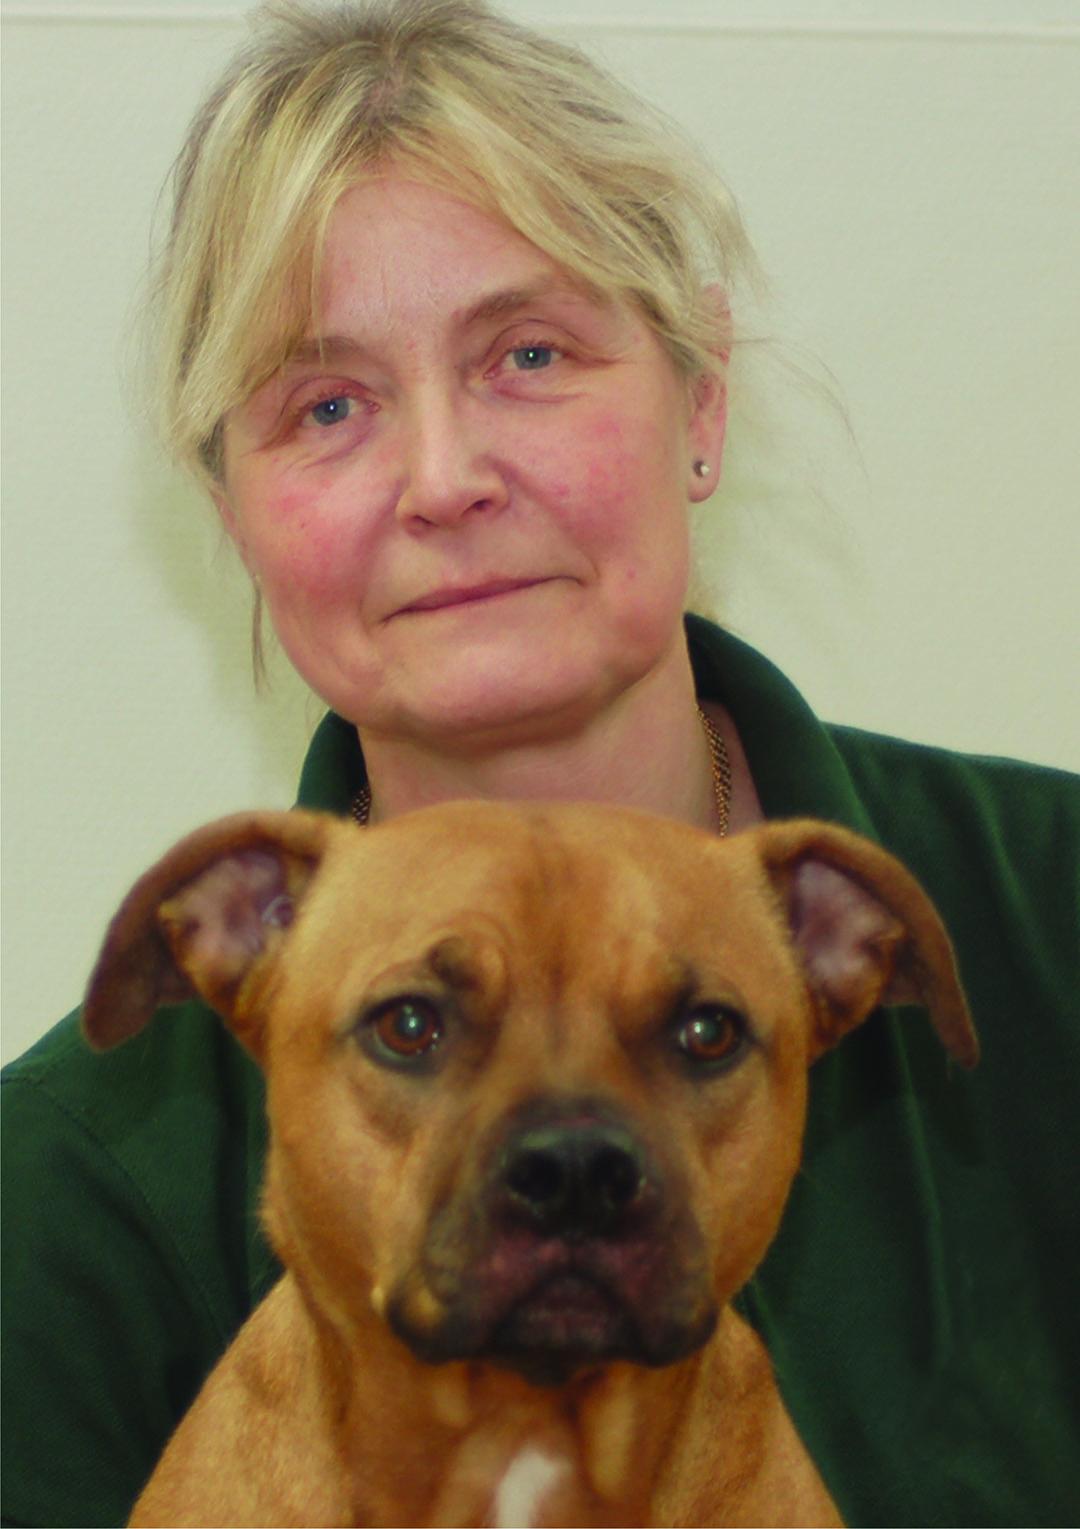 Pia Olander   Pia började på Djursjukhuset Malmö 1979. Där jobbade hon på vårdavdelningen. Pia jobbar ute på vår poliklinik och har en stor kunskap om allt från djurens sjukdomar, vården av dem och läkemedel.  Pia tycker om att rida och sköta gården på fritiden och åker mer än gärna på fisketur med mannen.